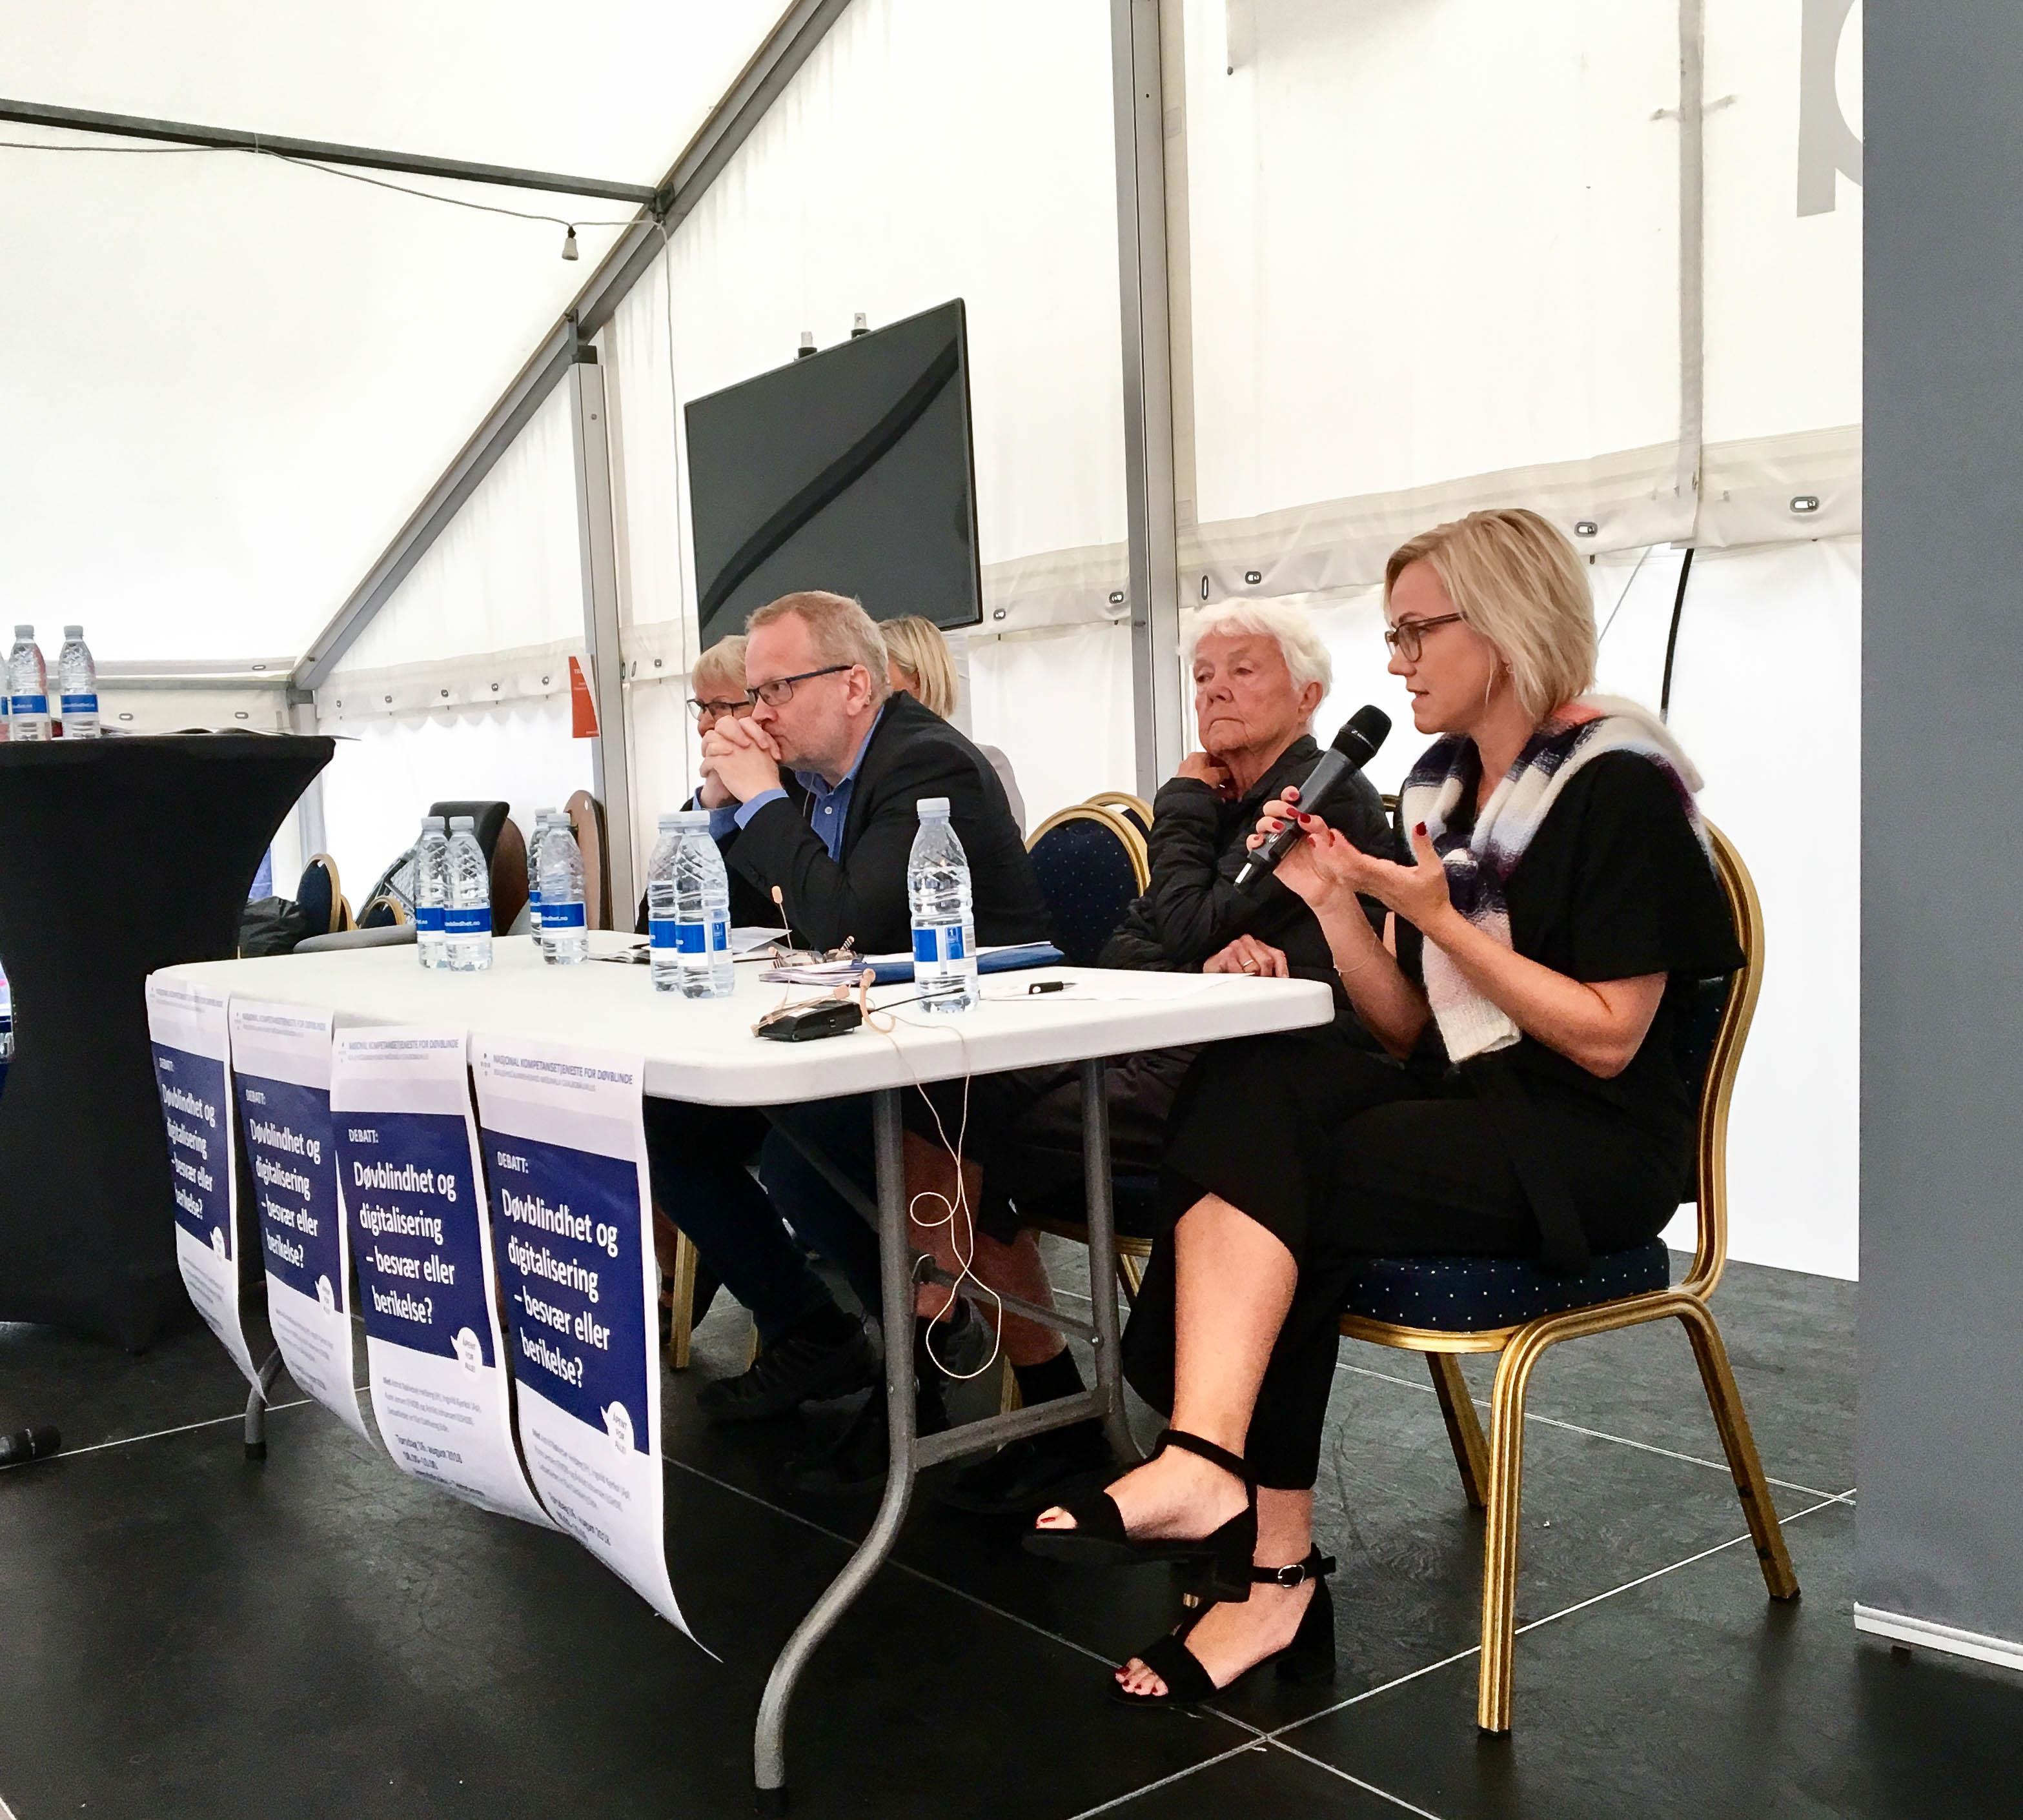 Debatt-scene med fire debattanter. Nærmest kvinne som prater i mikrofon.